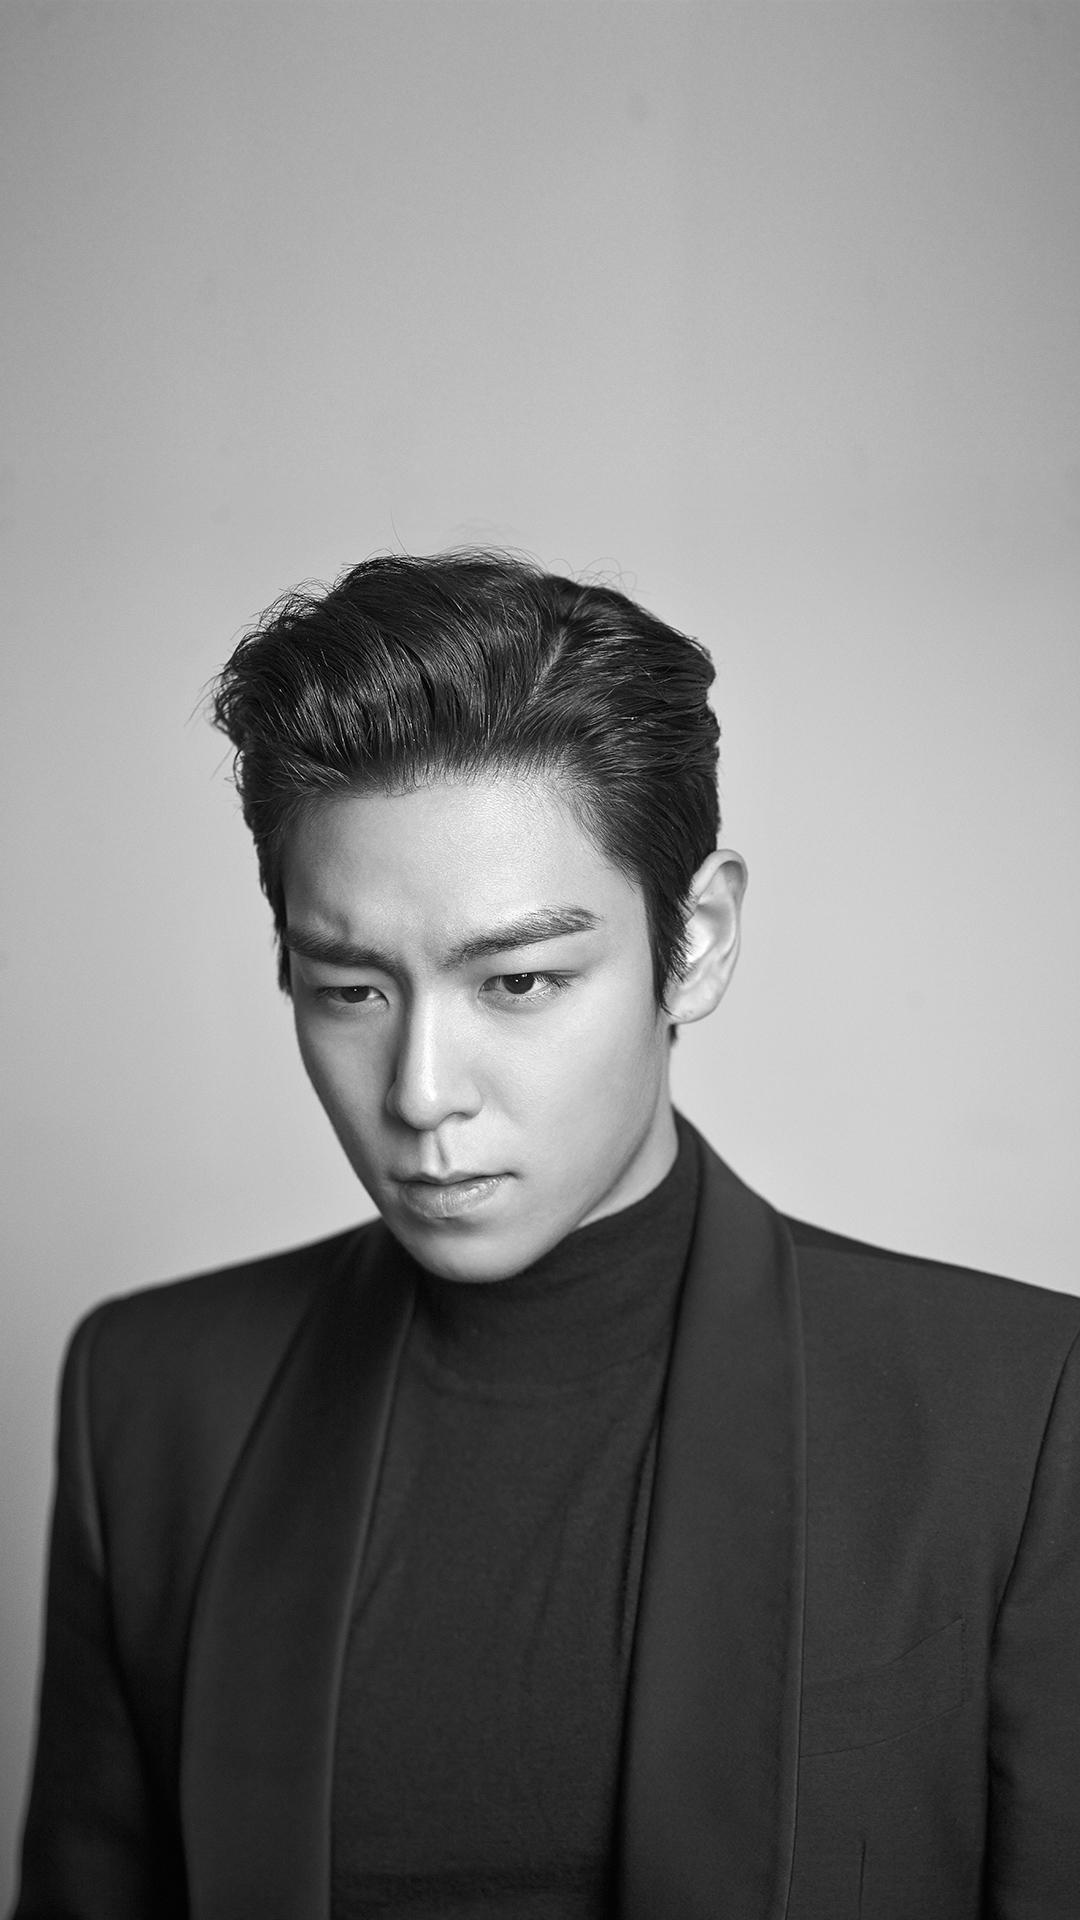 Download Top Big Bang Wallpaper Hd Backgrounds Download Itl Cat